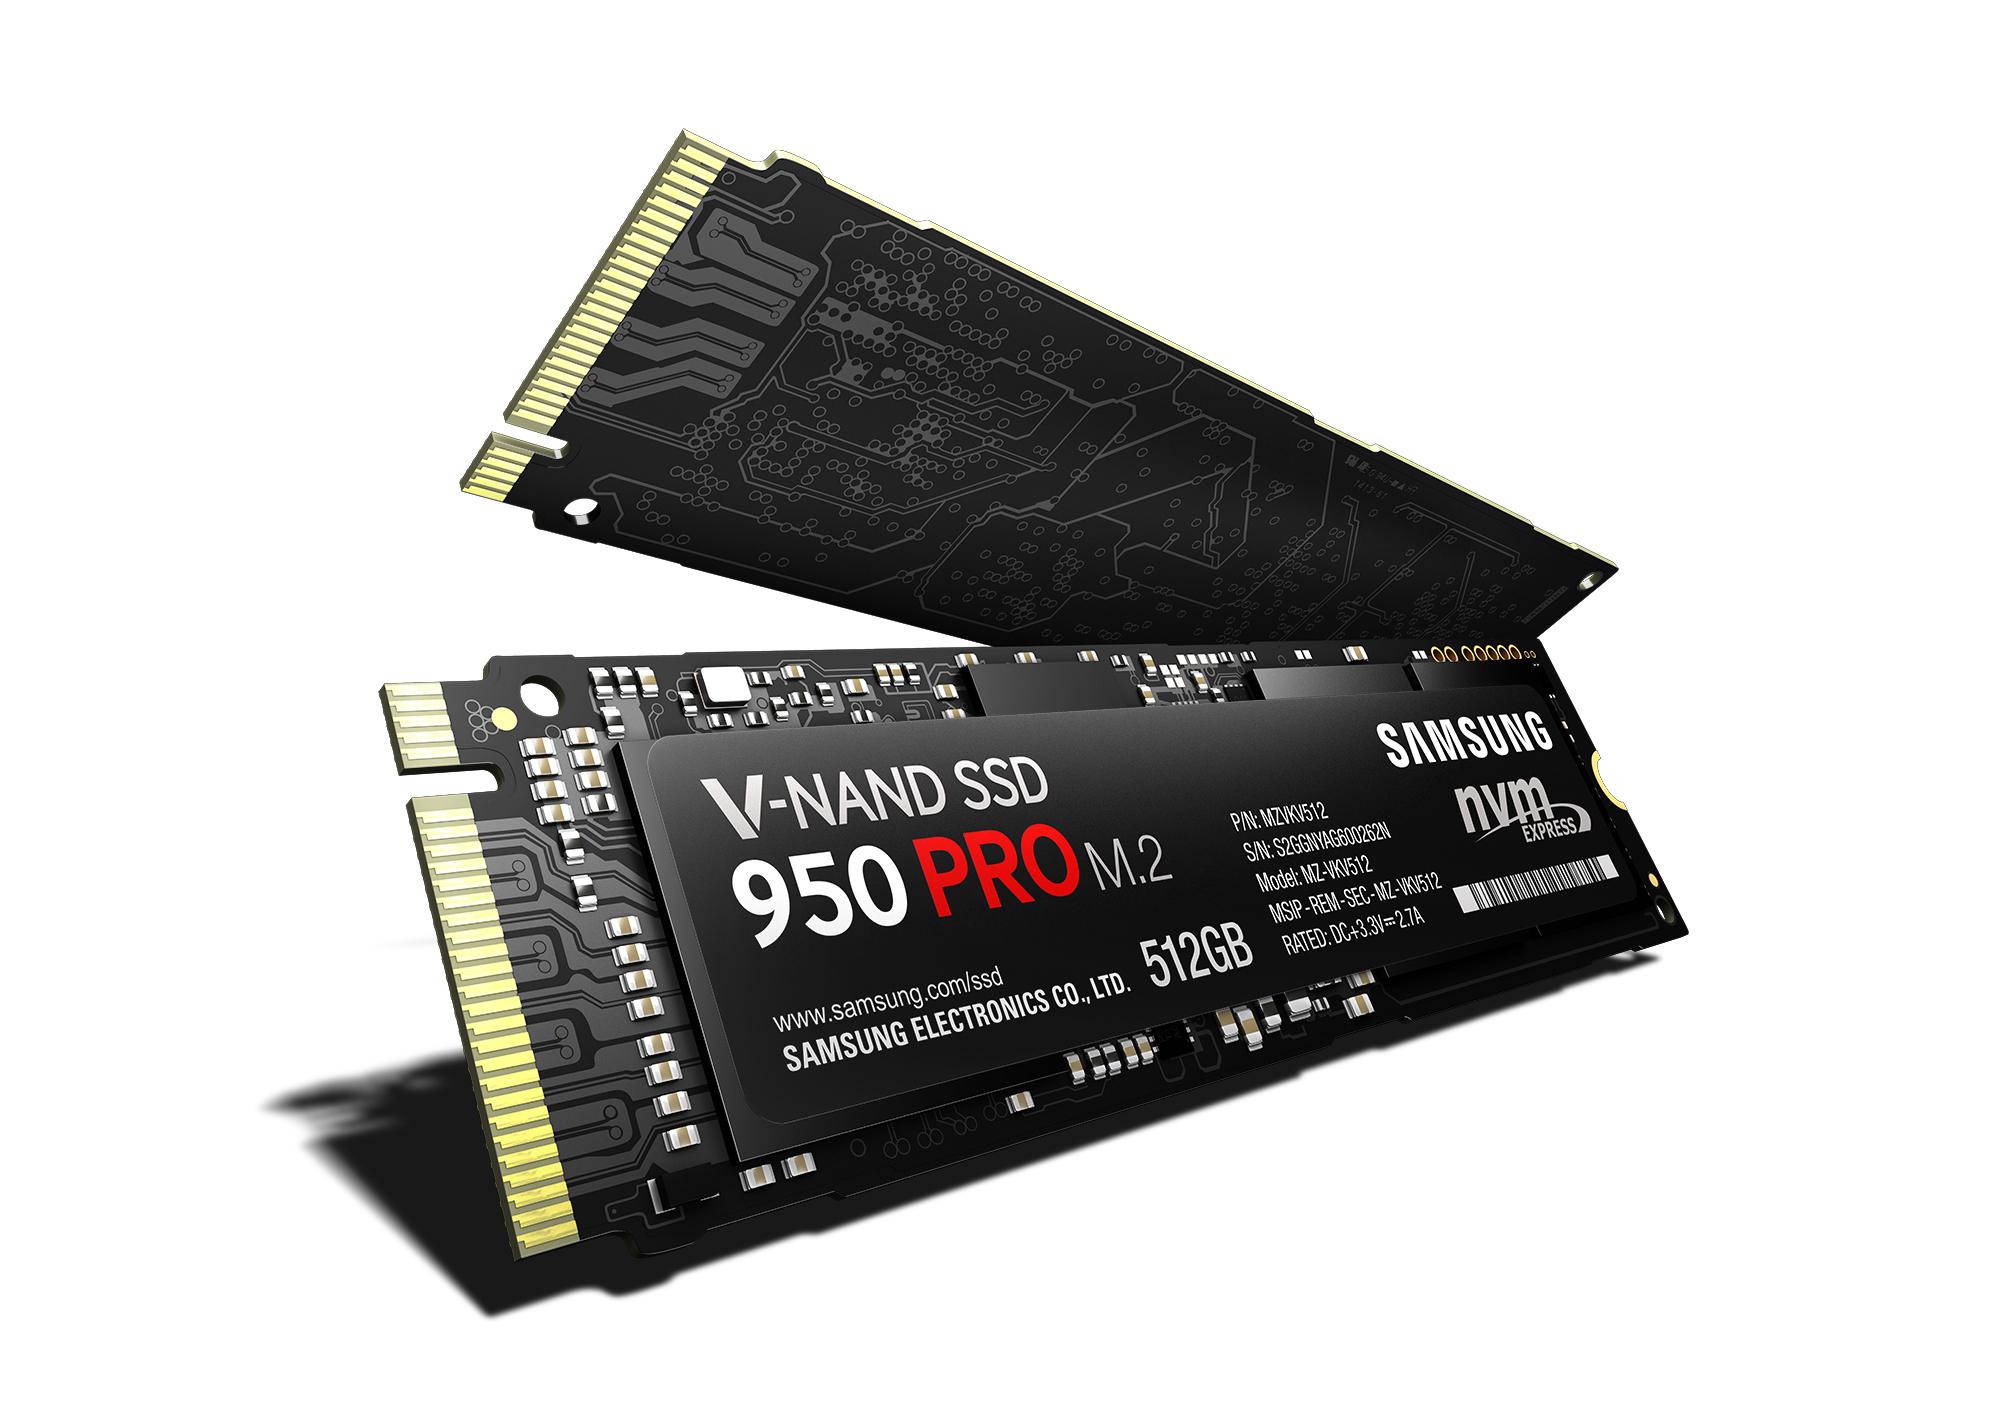 Pogon Solid State Samsung 950 Pro nas nikoli ne bo pustil na cedilu!